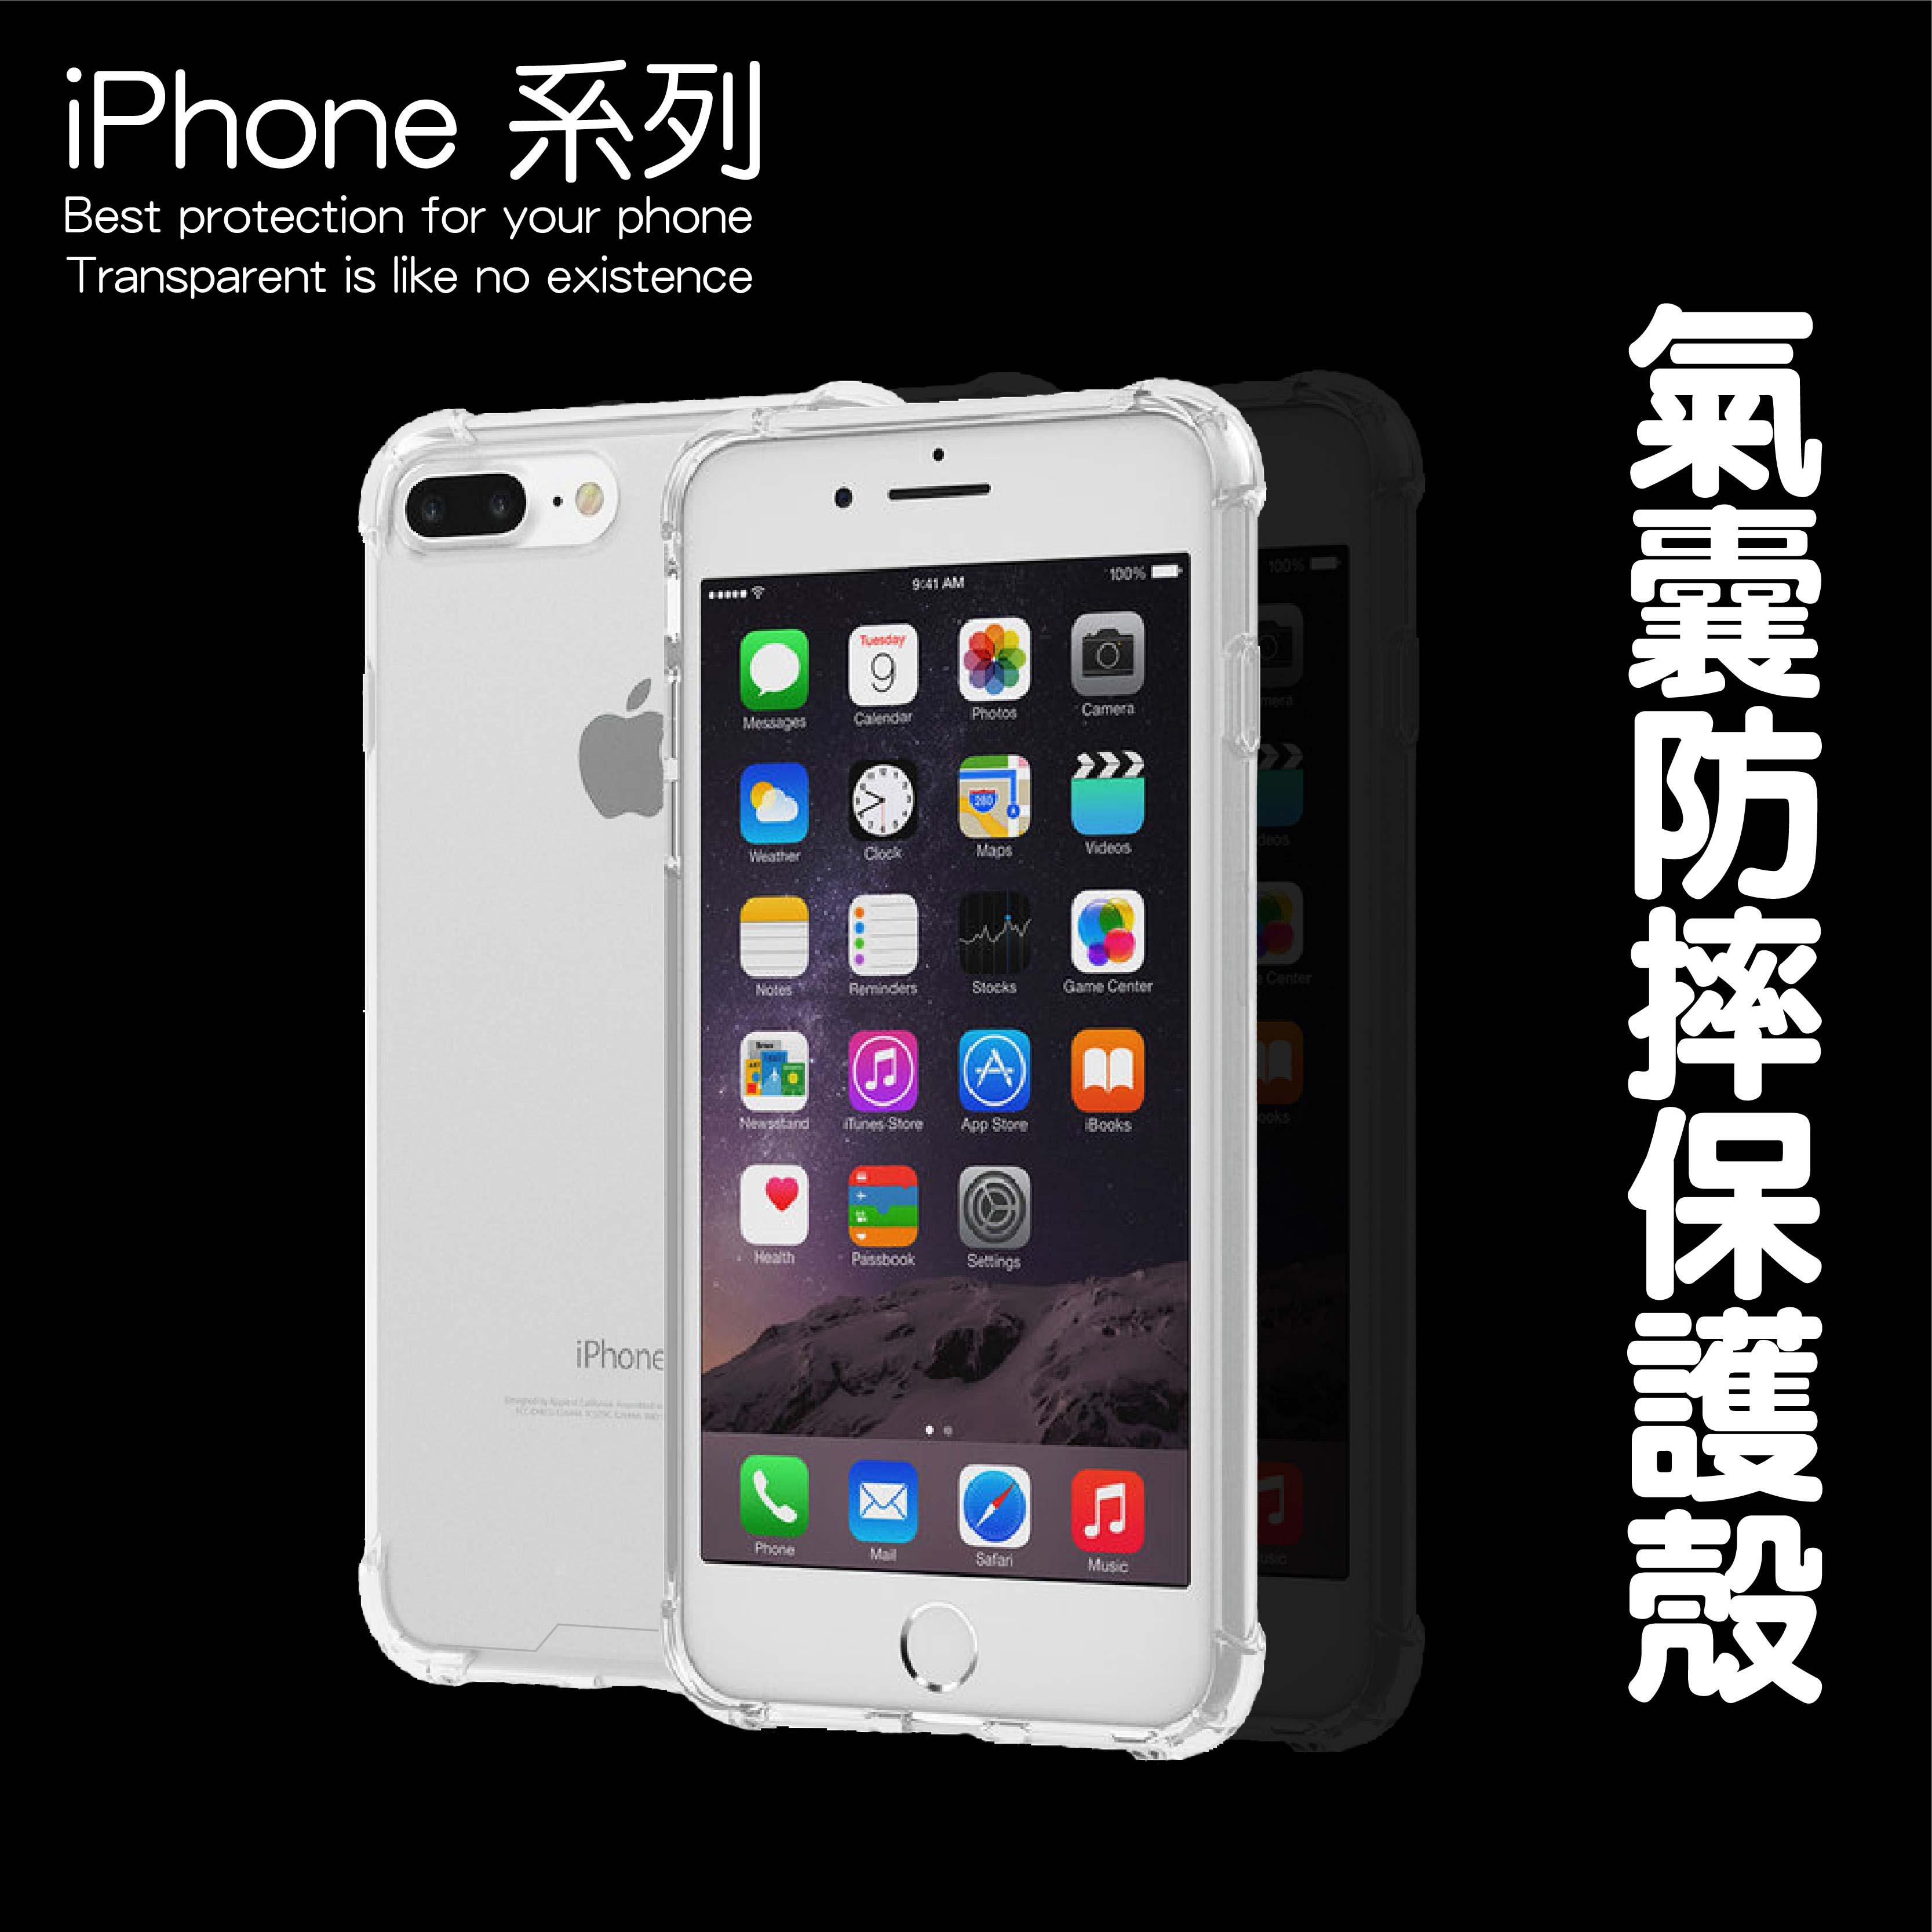 四角強力 氣囊 iPhone 7 / 8 Plus 4.7 / 5.5 手機殼 空壓殼 防摔 軟硬殼 保護殼 壓克力 透明